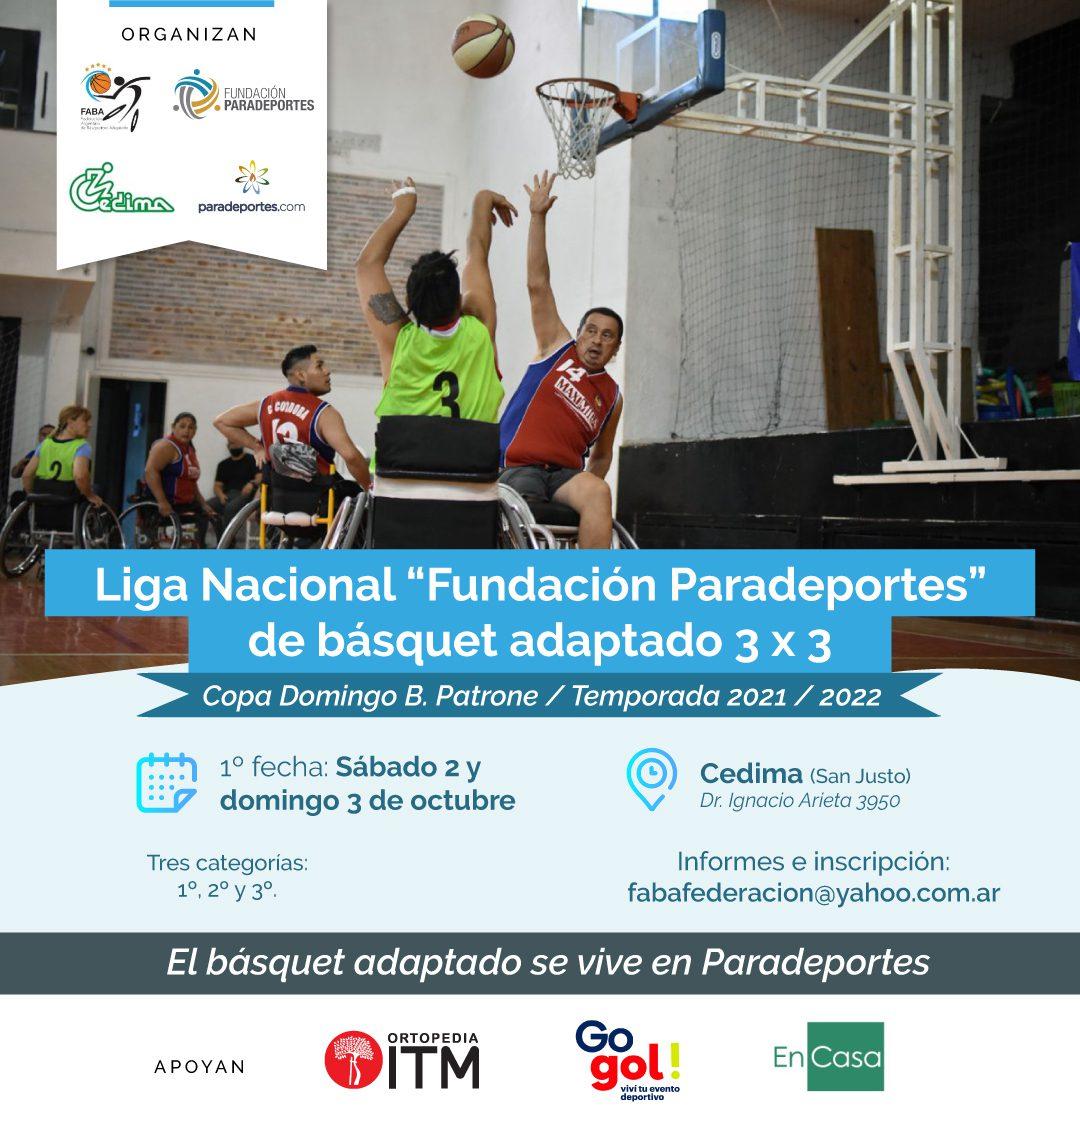 """Vuelve el básquet adaptado 3 x 3: comienza la Liga Nacional """"Fundación Paradeportes"""""""